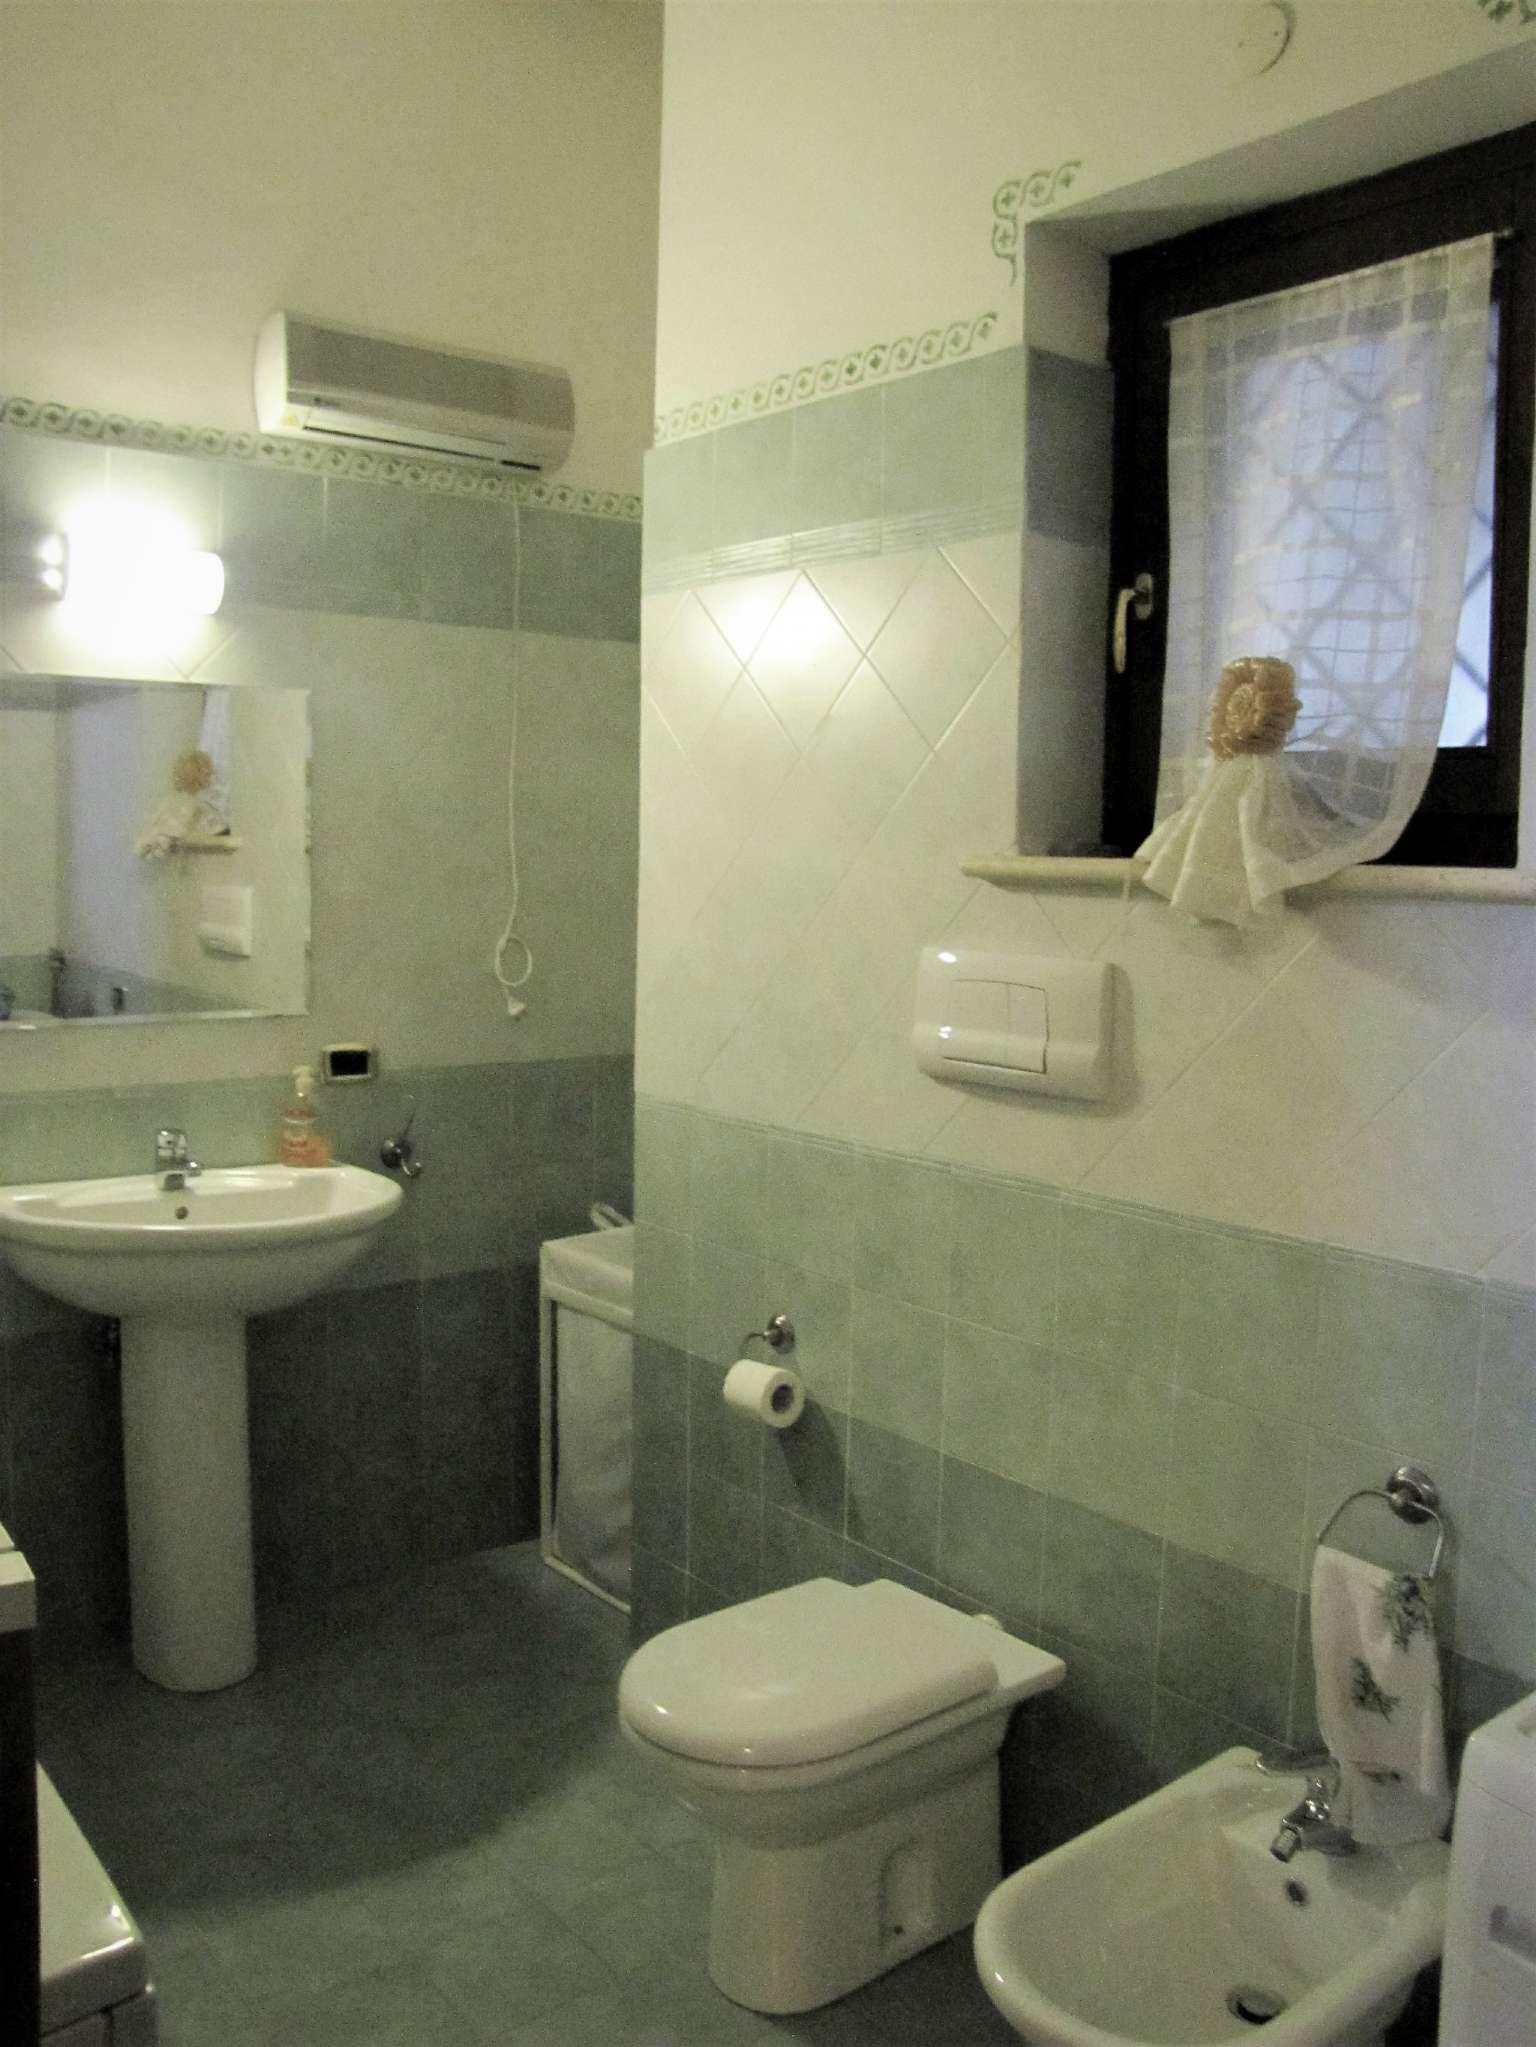 Foto 14 di Villa a Schiera via MITTA 6, Roma (zona Finocchio - Torre Gaia - Tor Vergata)